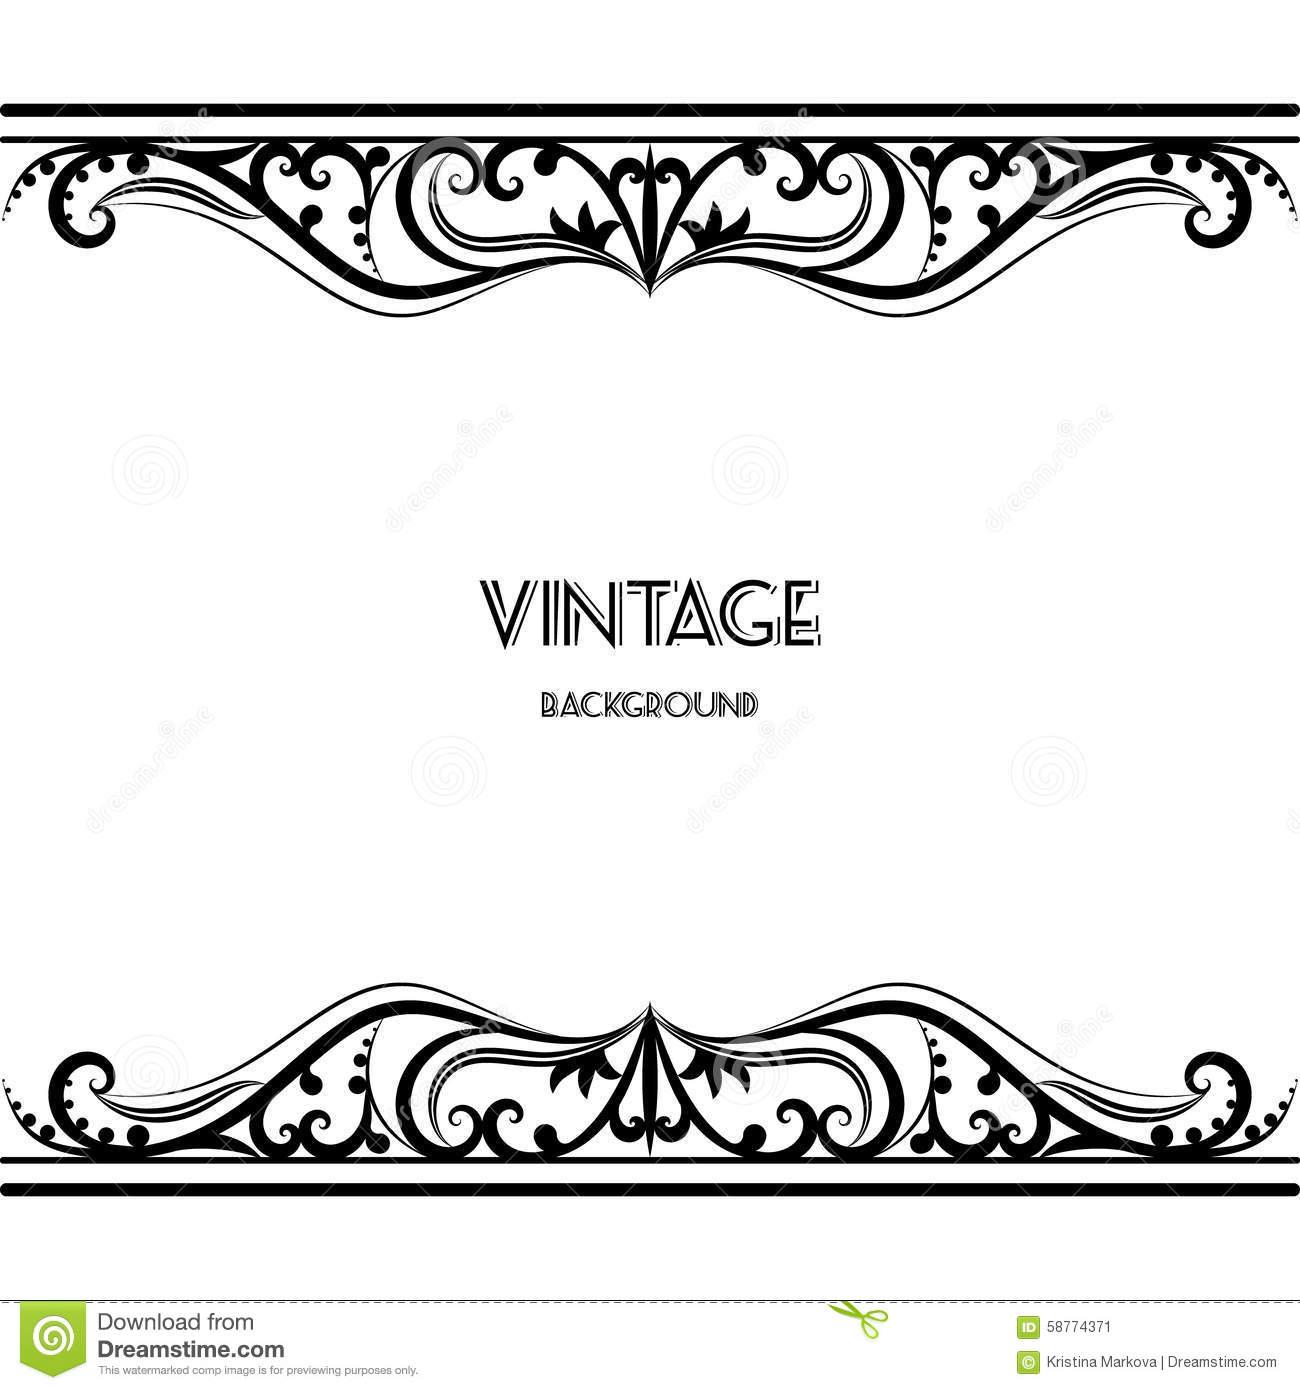 16 black vintage border designs images vintage border